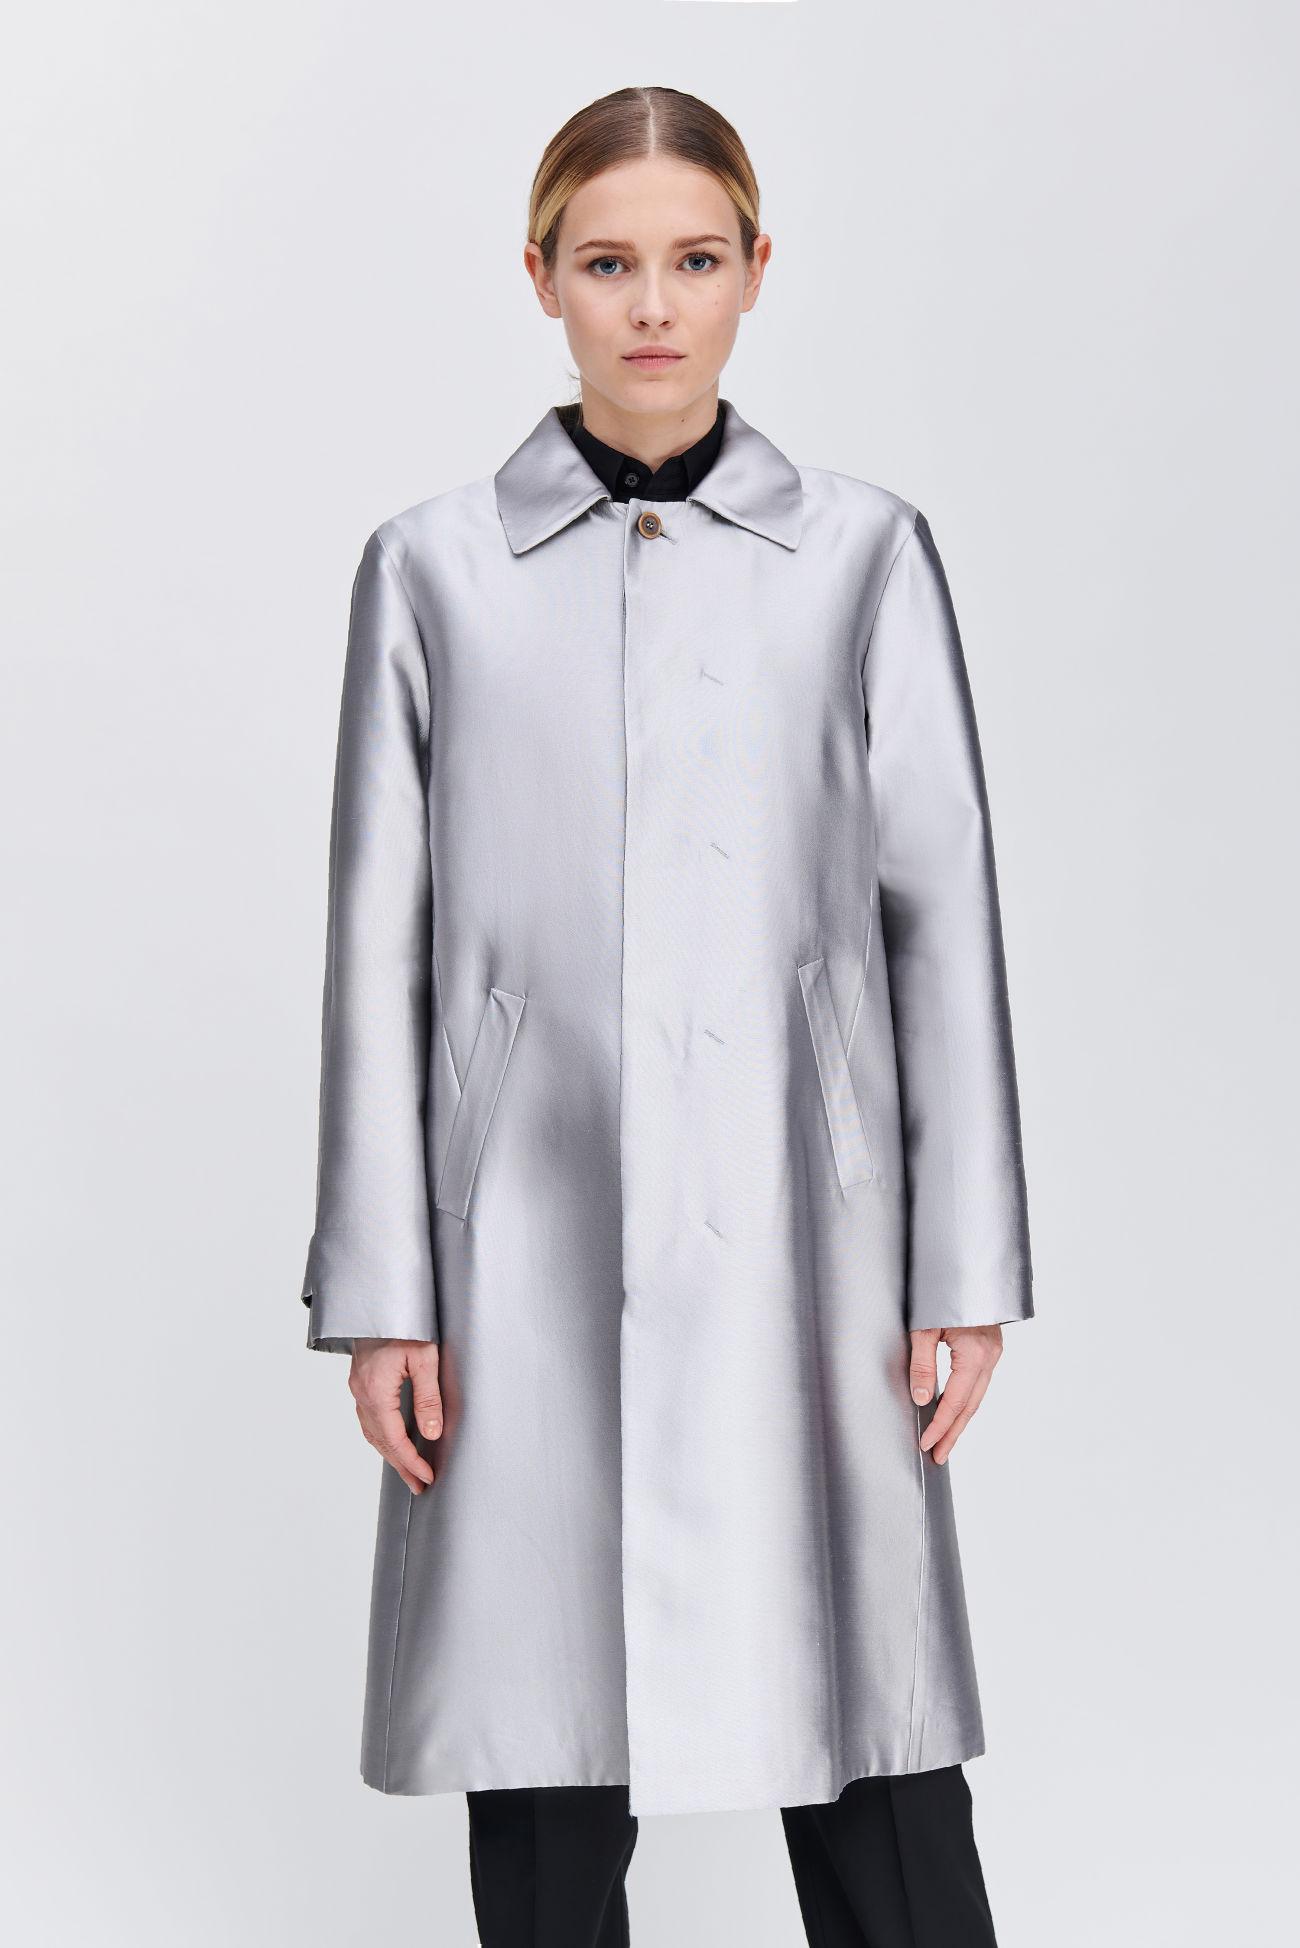 Mantel aus Seiden Mikado